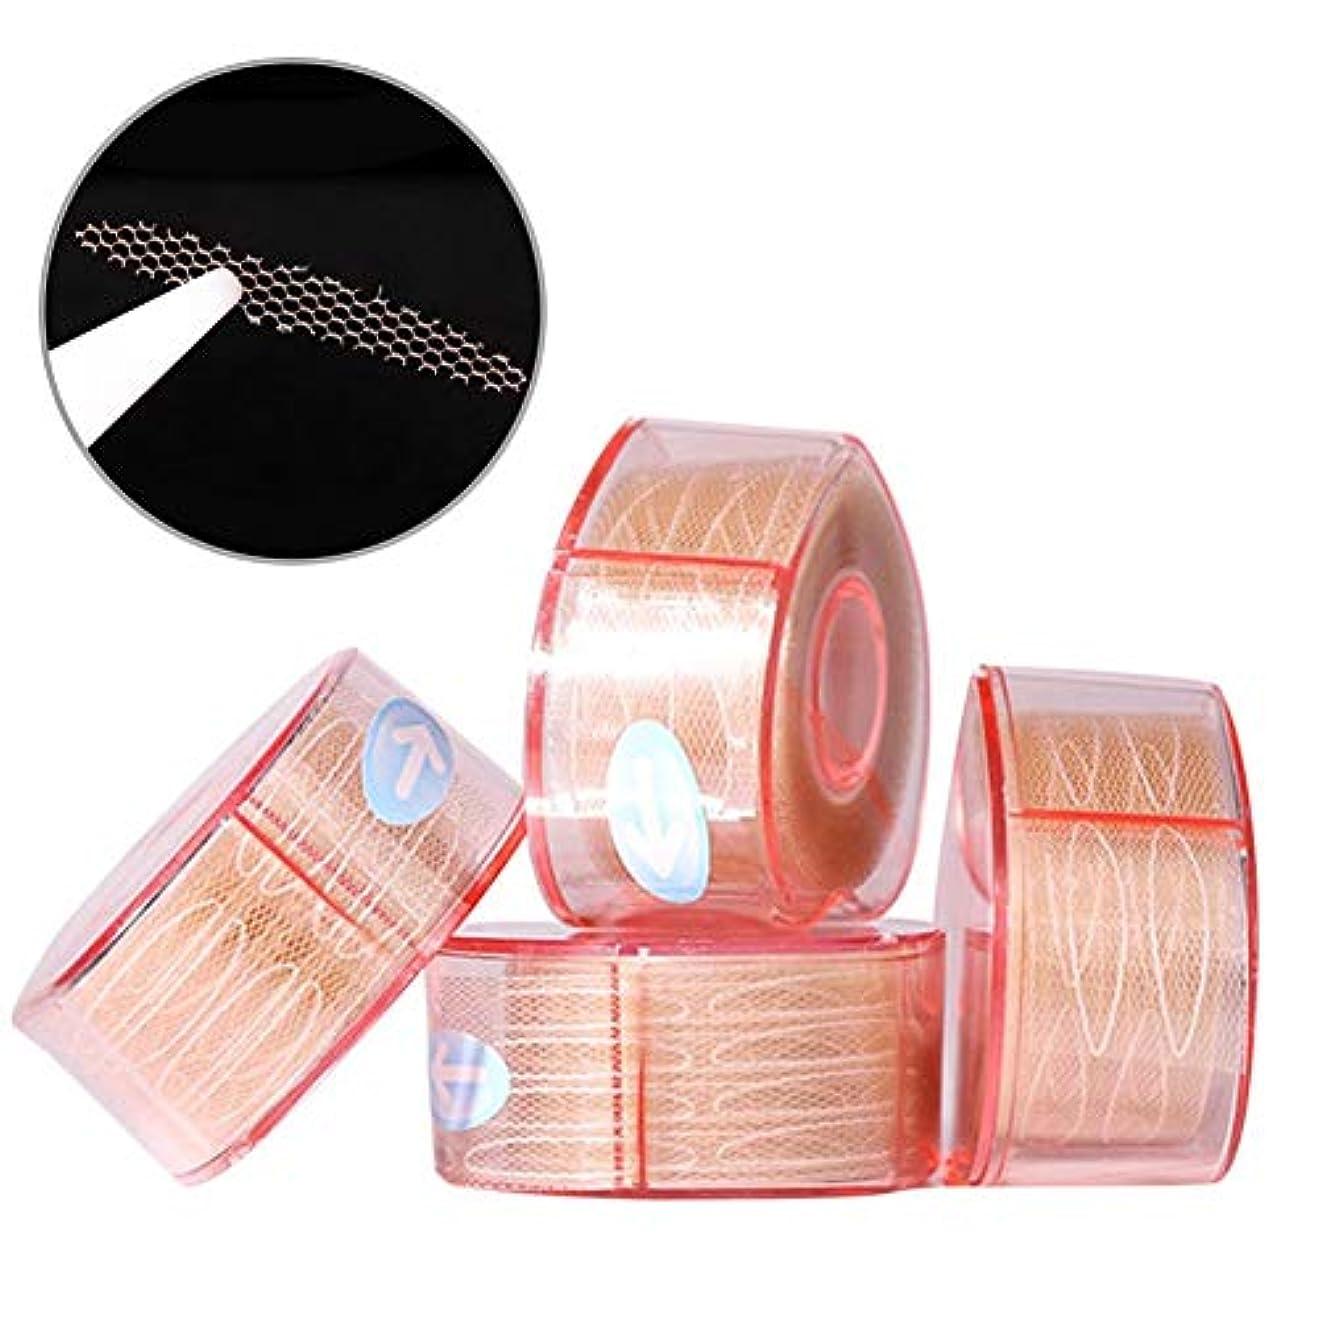 湿度増加する天井ナチュラルアイテープ 二重まぶたステッカー 二重まぶたテープ 300組セット メッシュ 見えない バレない 通気性 アイメイク 4タイプ選べる junexi